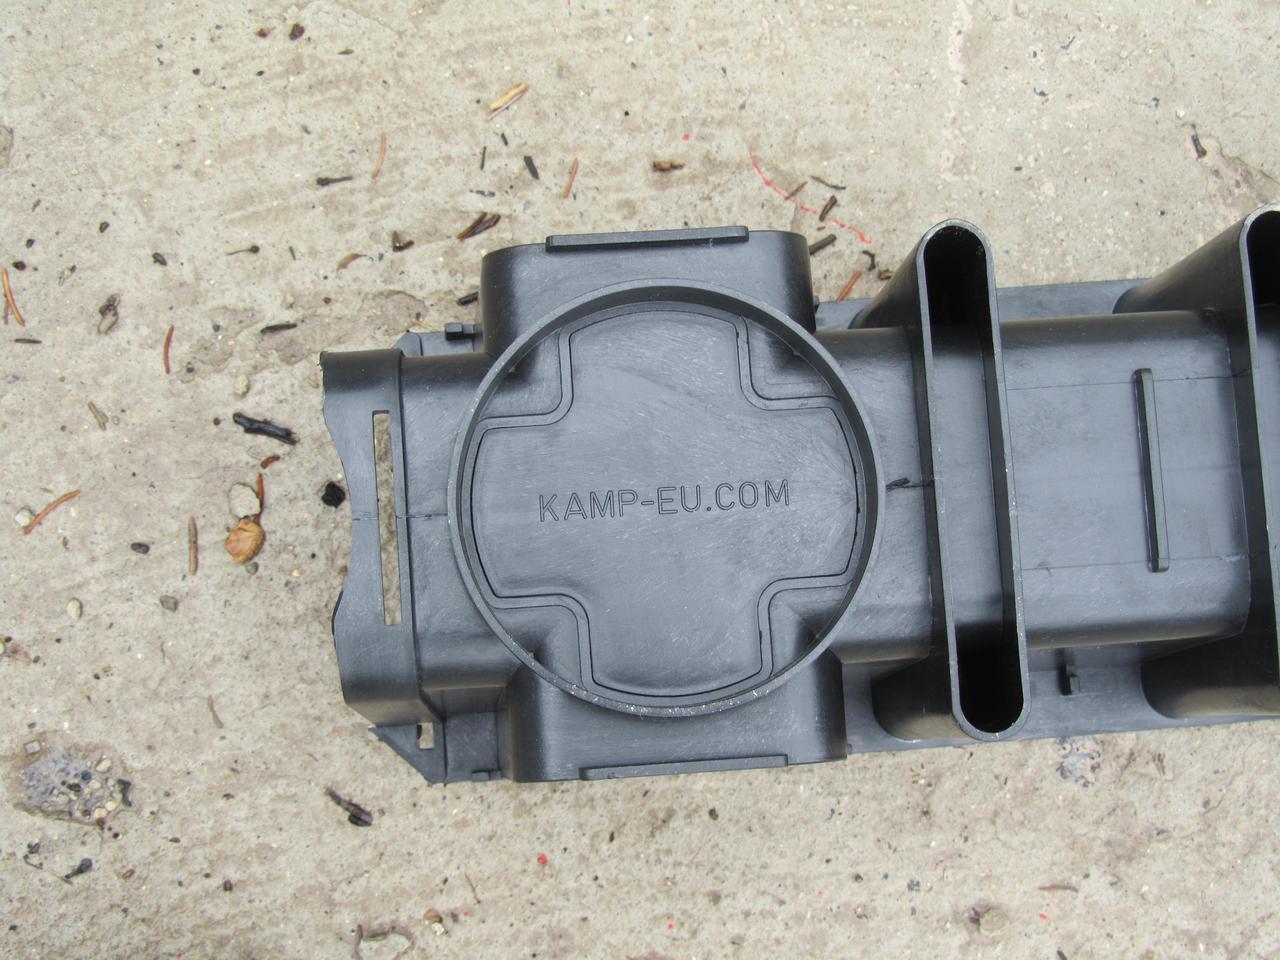 Водоотводный желоб глубокий Kamp-Eu, лоток водоотводный пластиковый